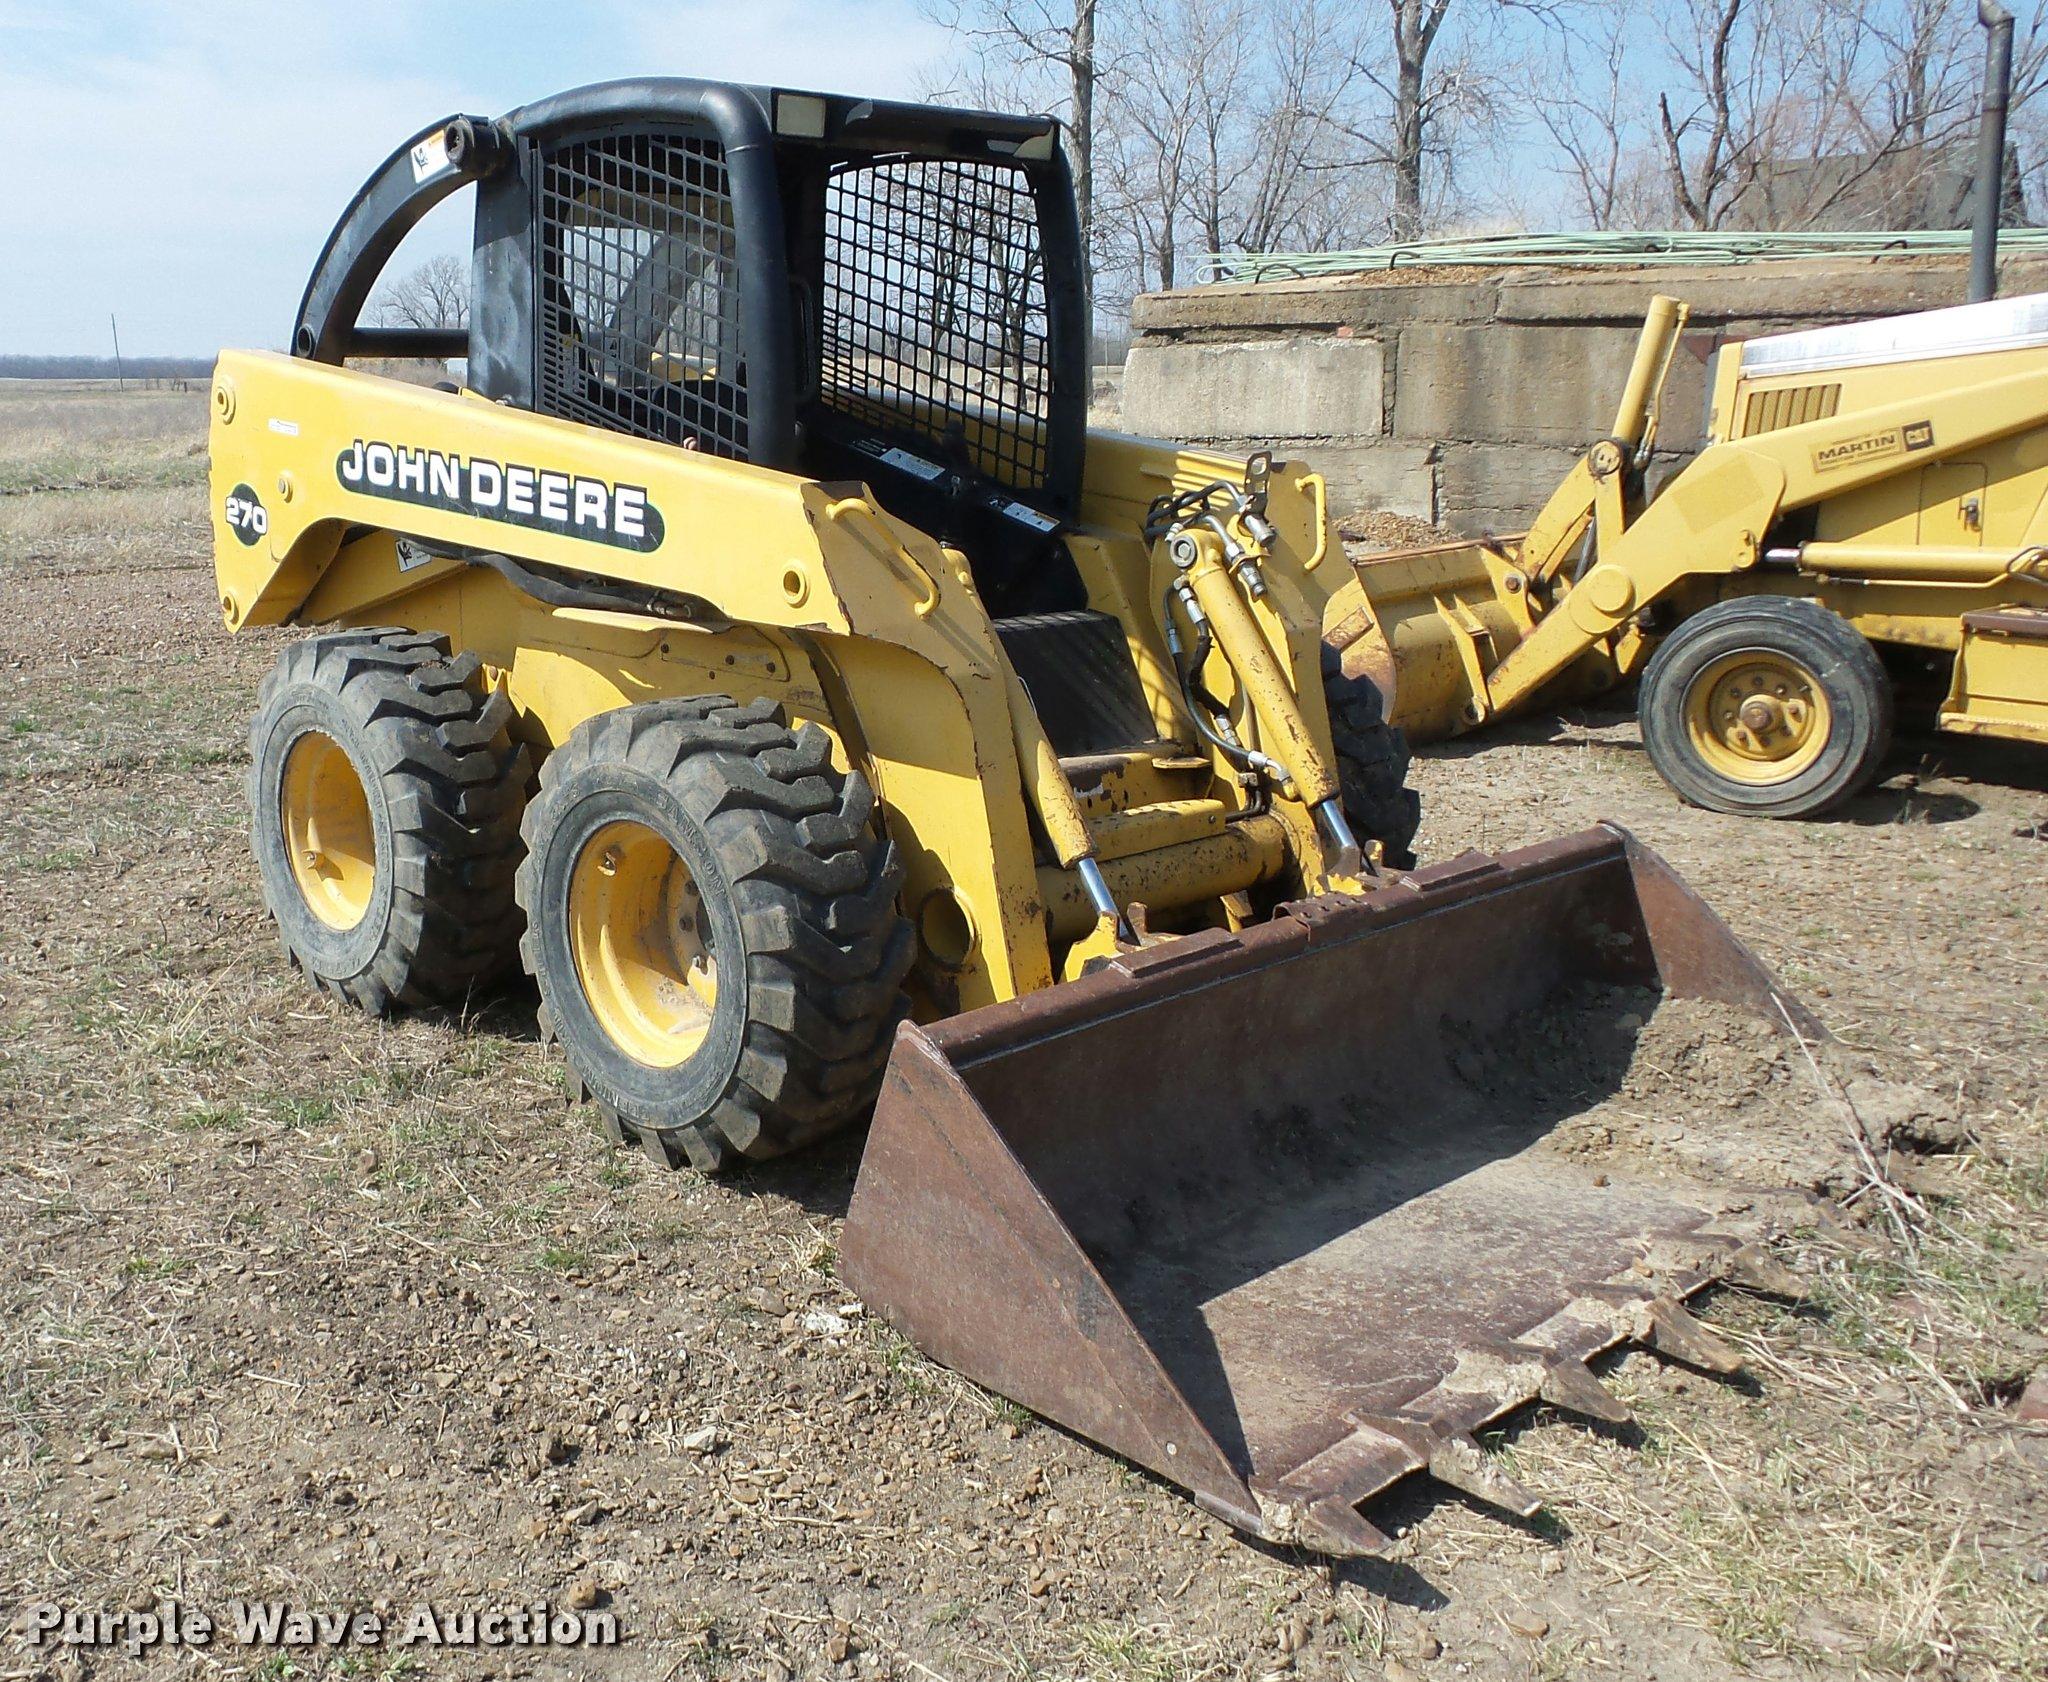 AG9016 image for item AG9016 2000 John Deere 270 skid steer